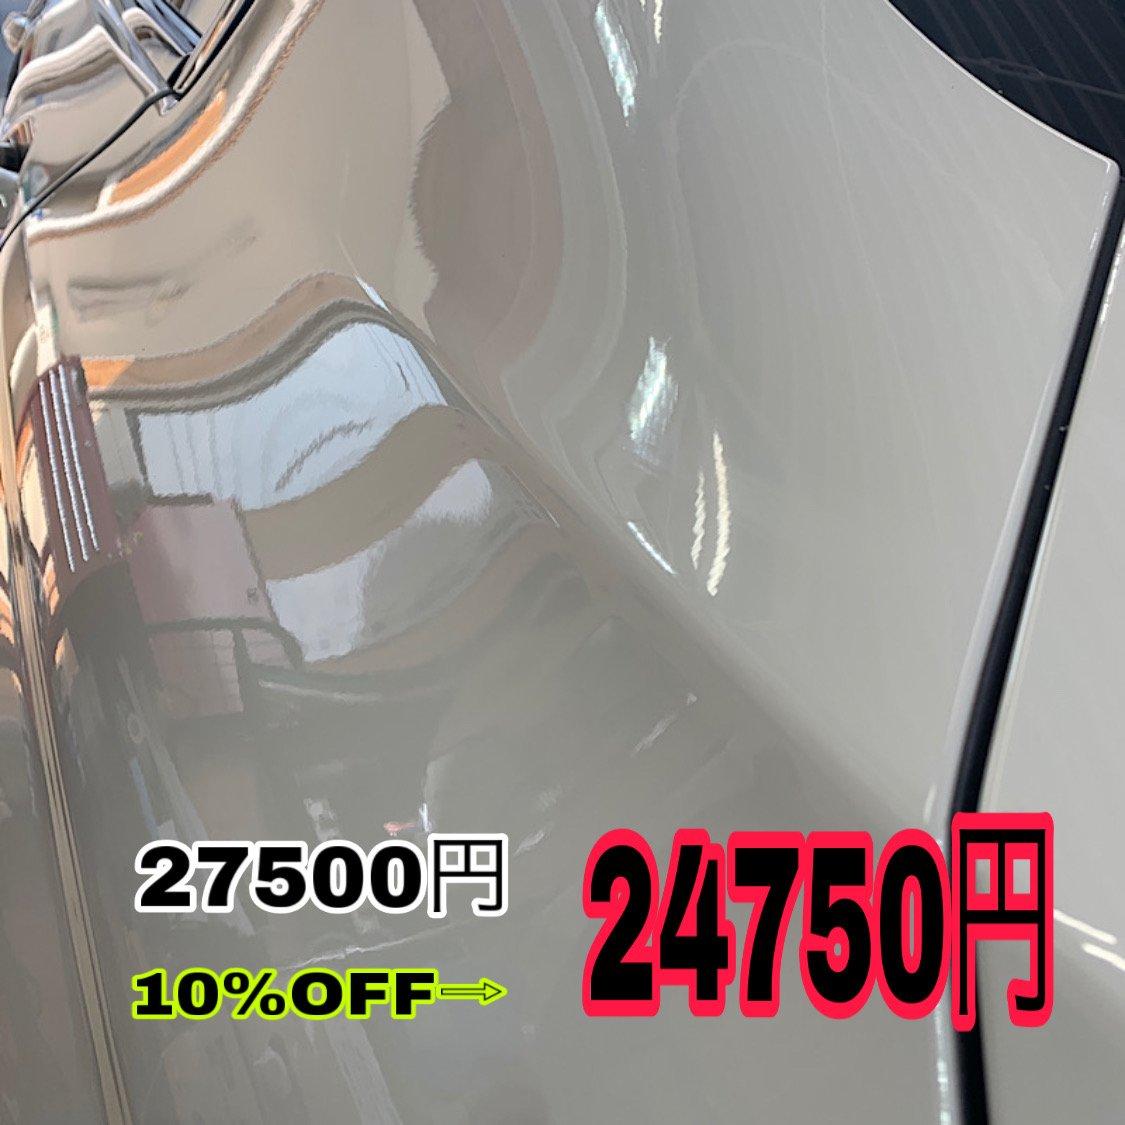 ポリマーコーティング 〜セダン・ステーションワゴン〜のイメージその1